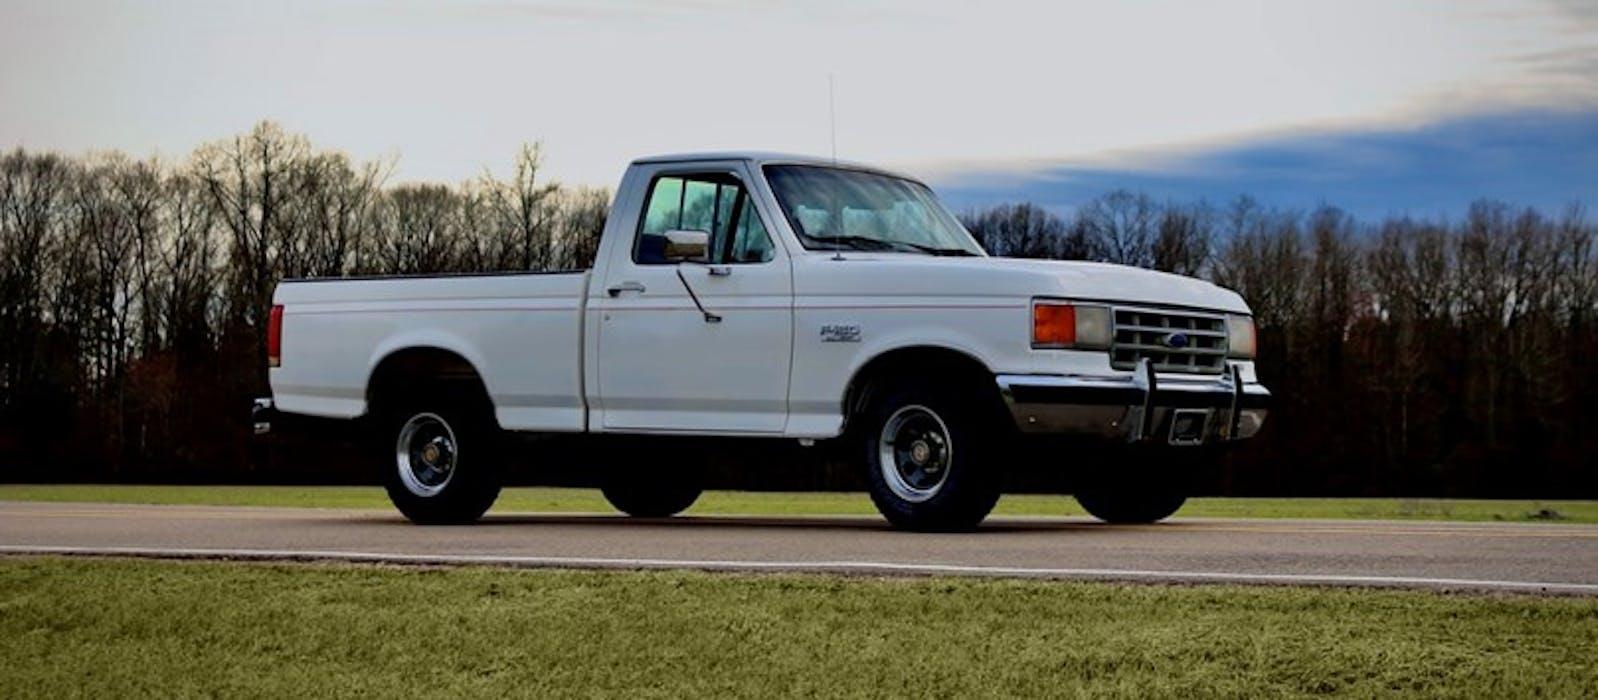 Dc47382d ca57 41ca 982c 8663d033dc14 pickup3